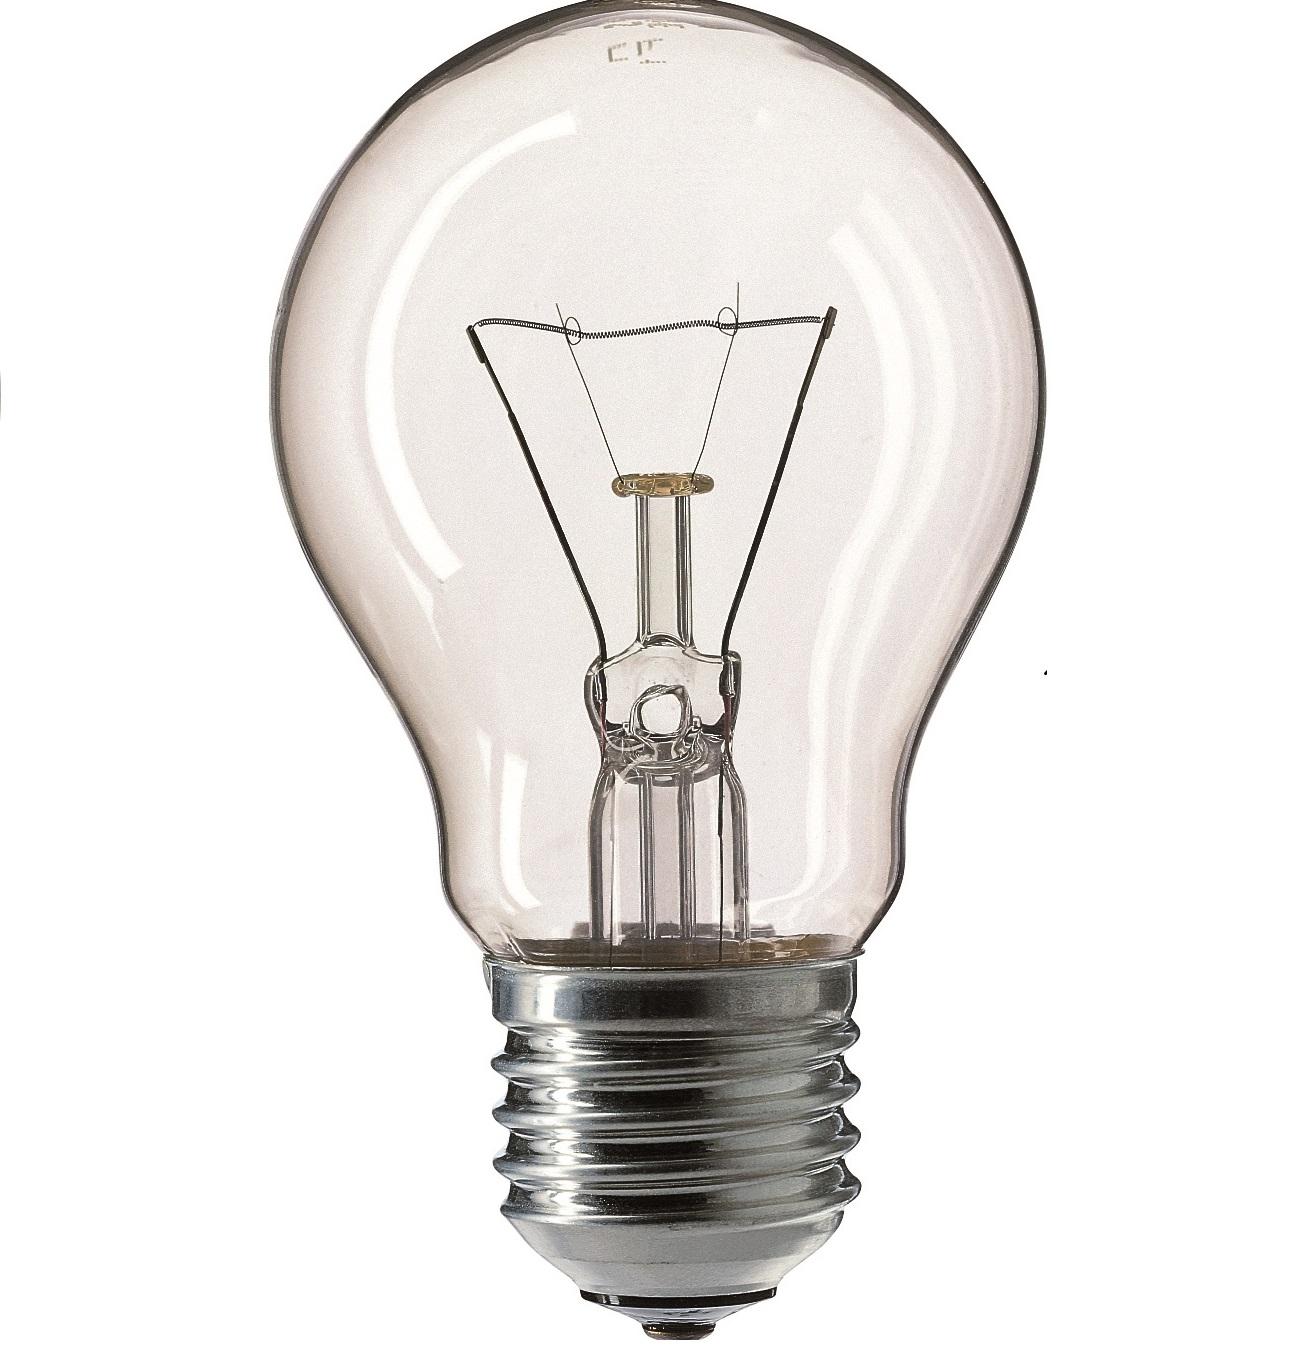 'Лампа станд. прозр. 60 W